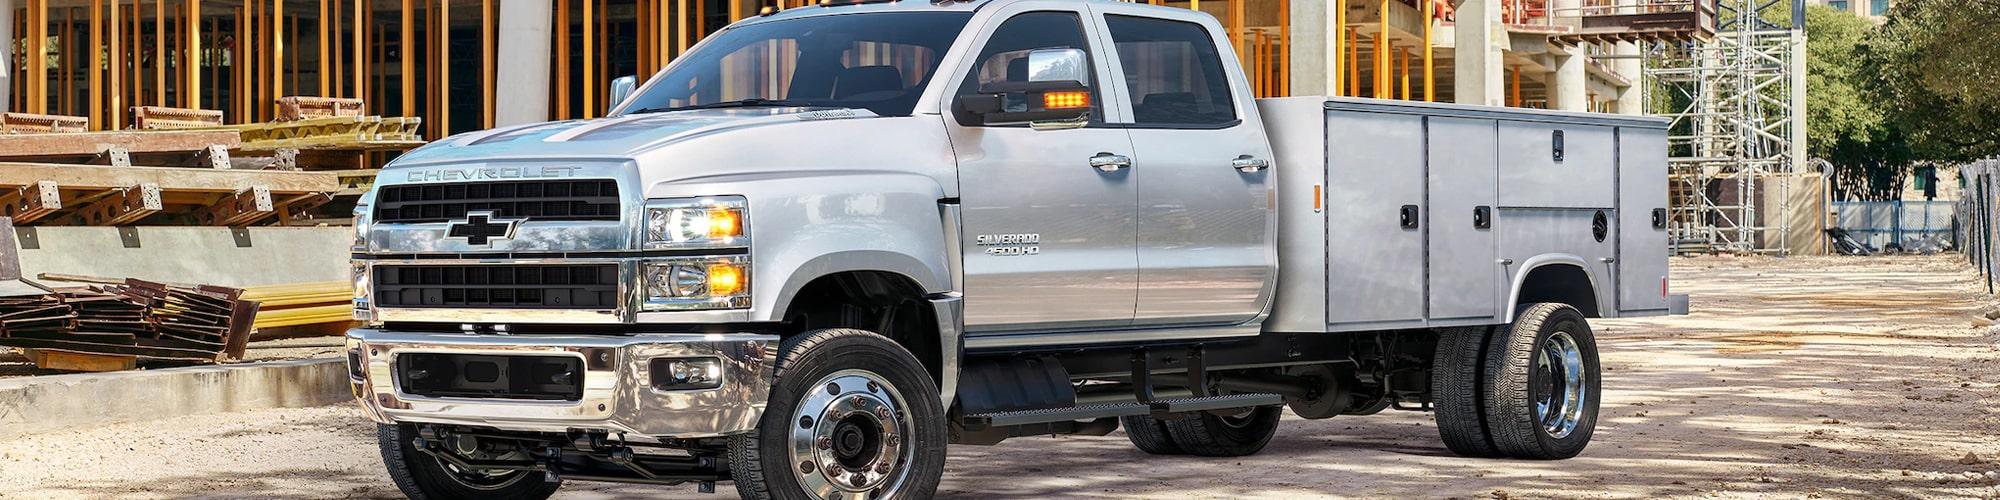 Chevy Silverado 4500